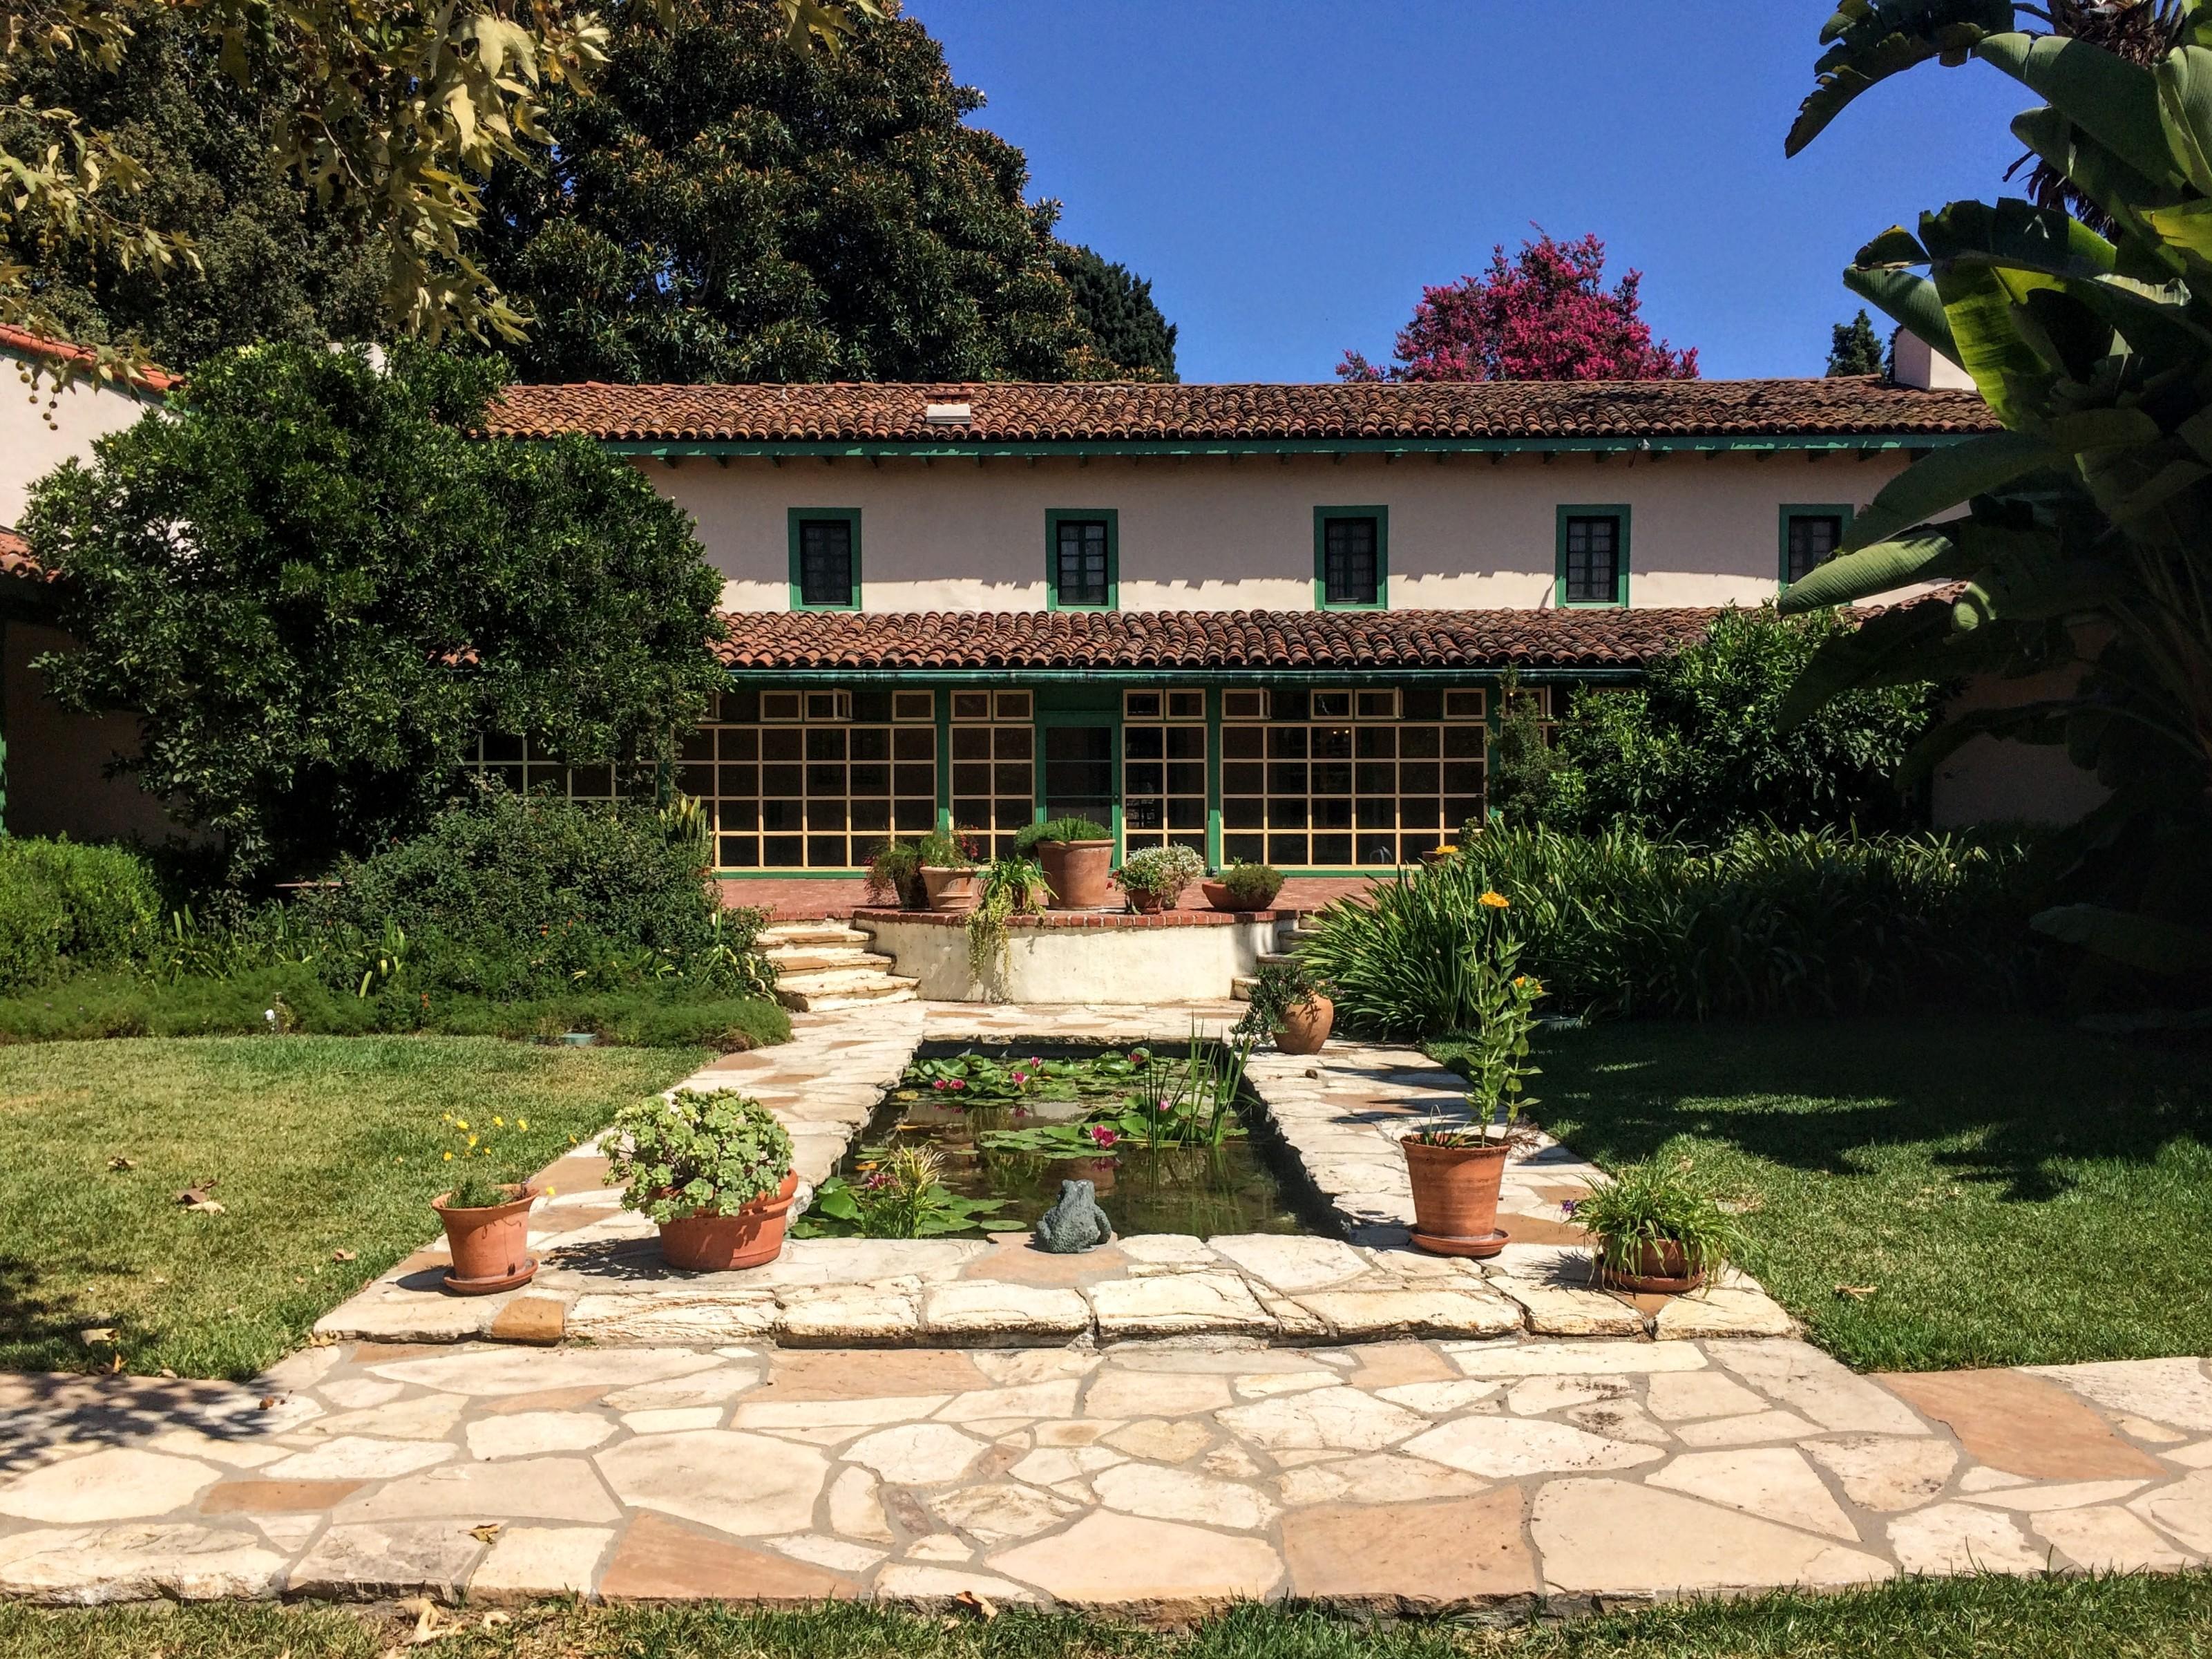 A Glimpse into the Past at Rancho Los Cerritos